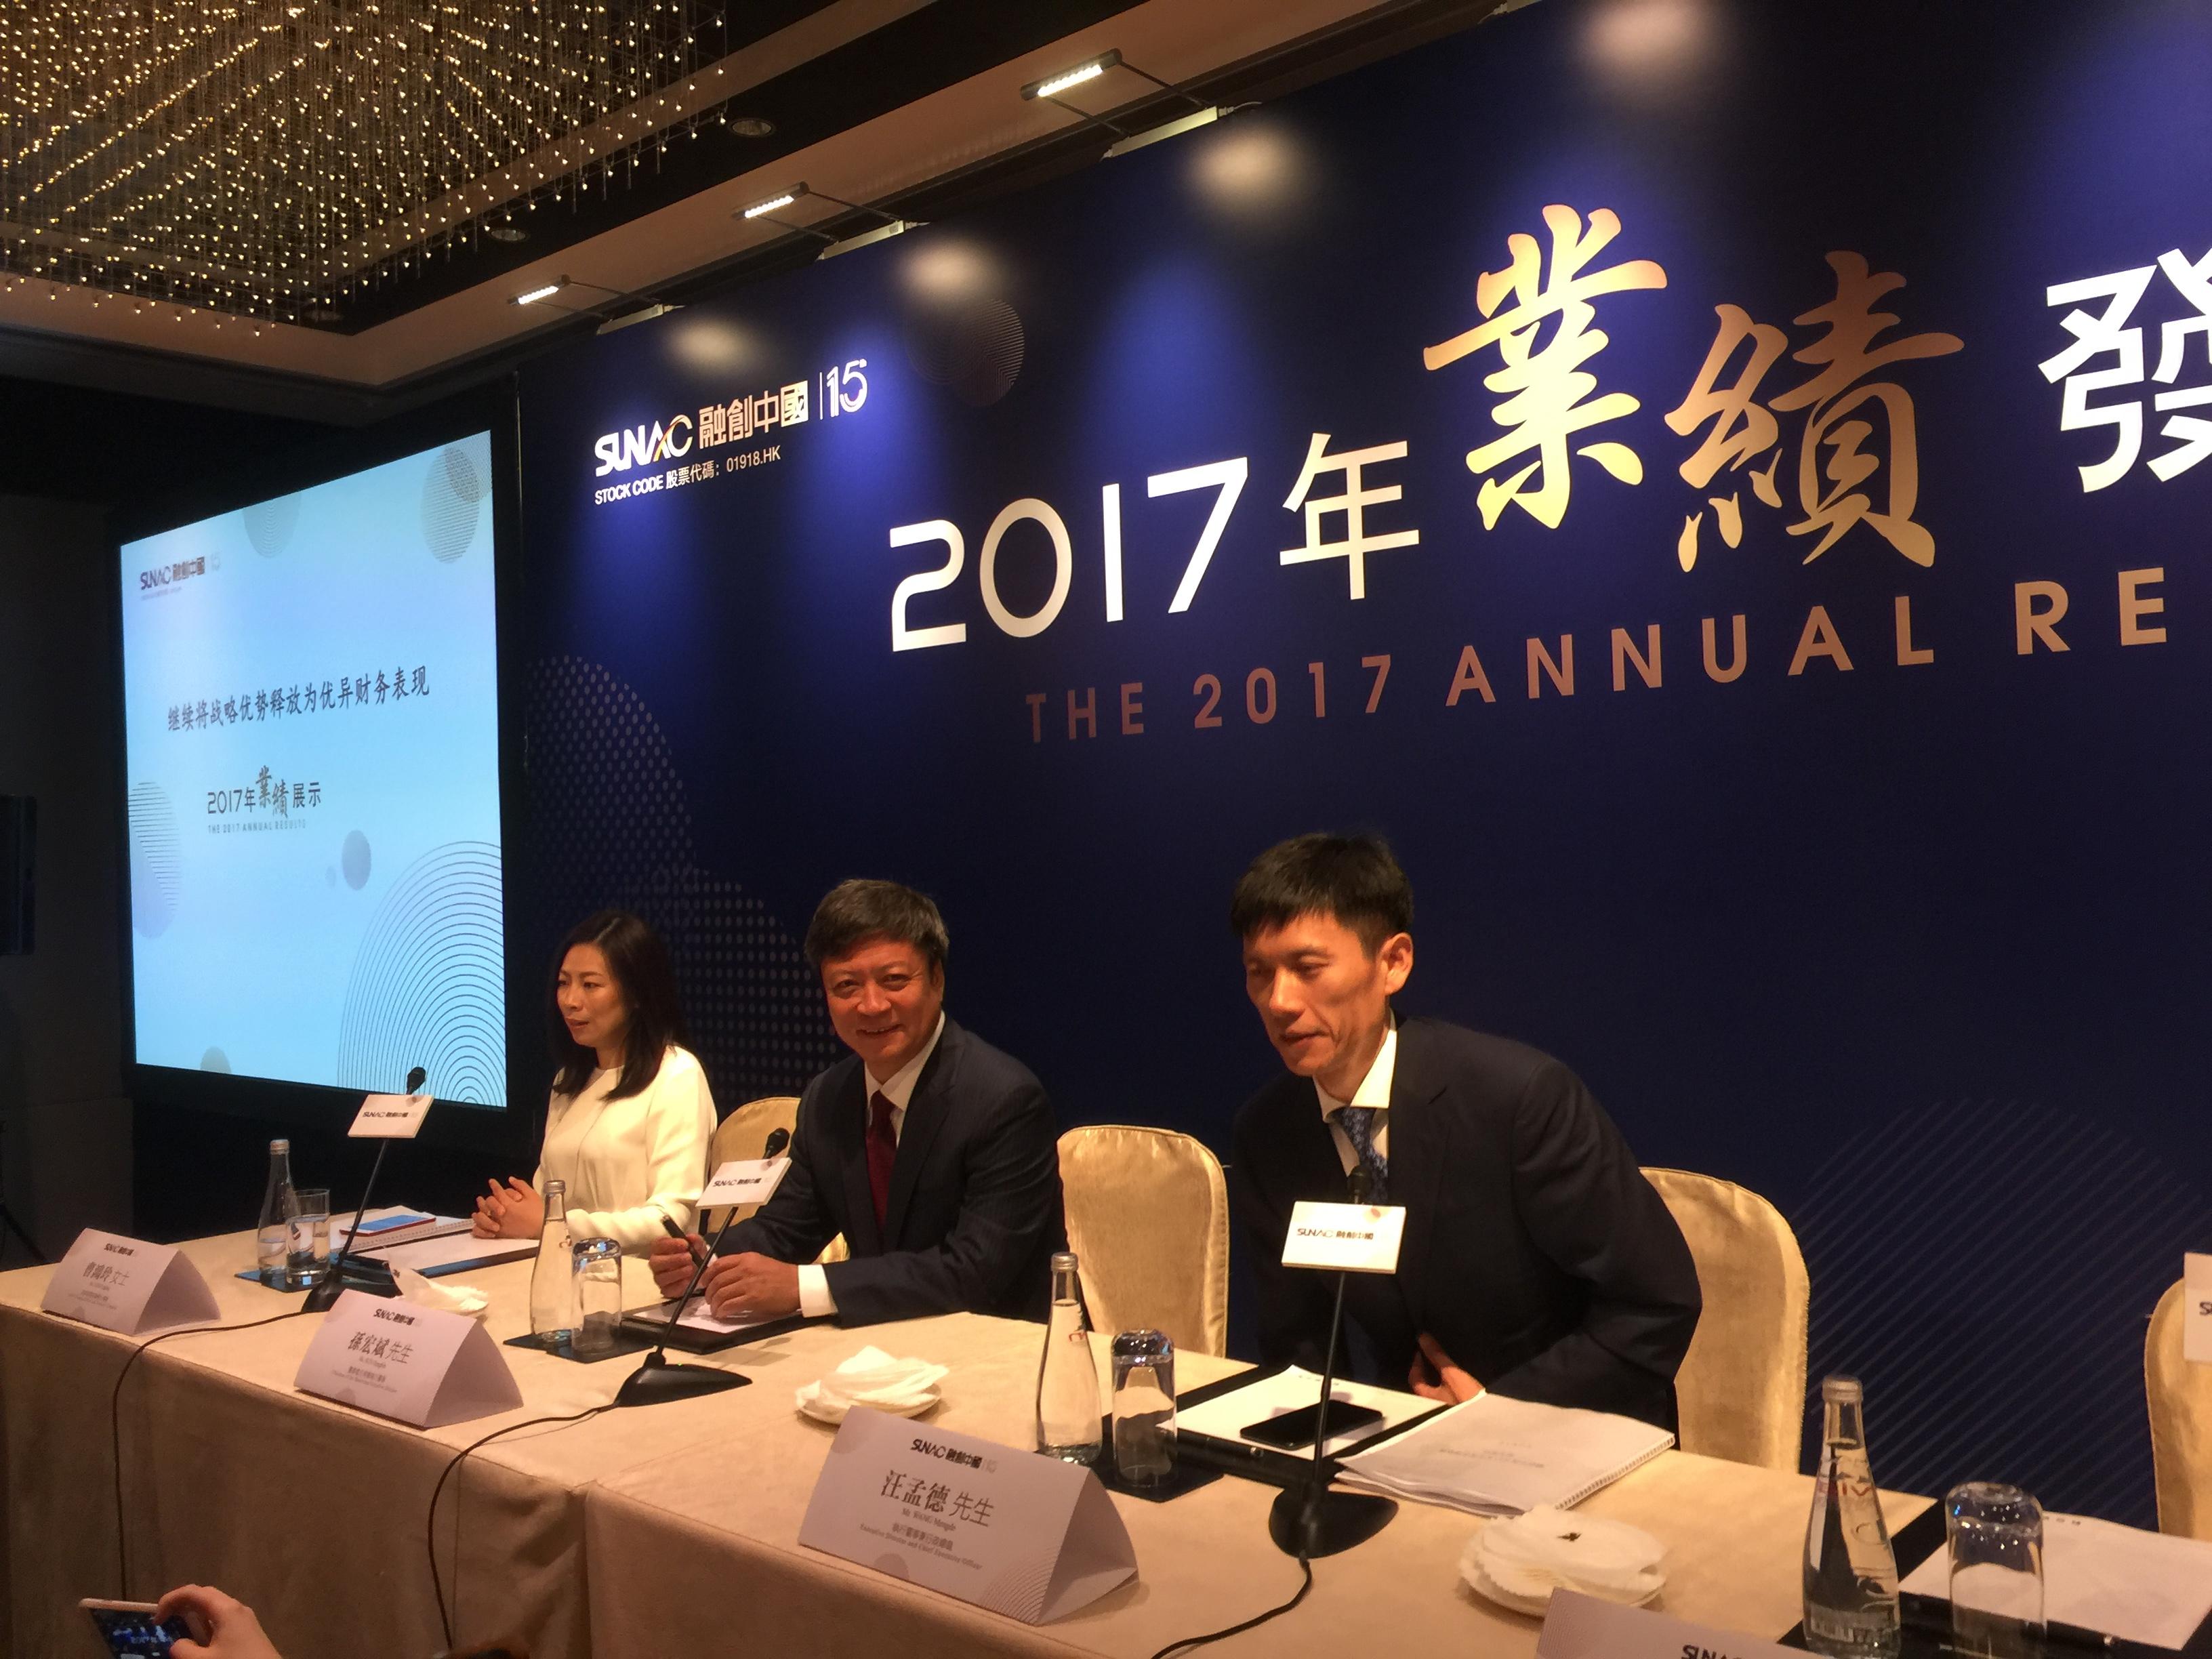 业绩会手记:投资大玩咖孙宏斌和绕不开的贾跃亭-中国网地产